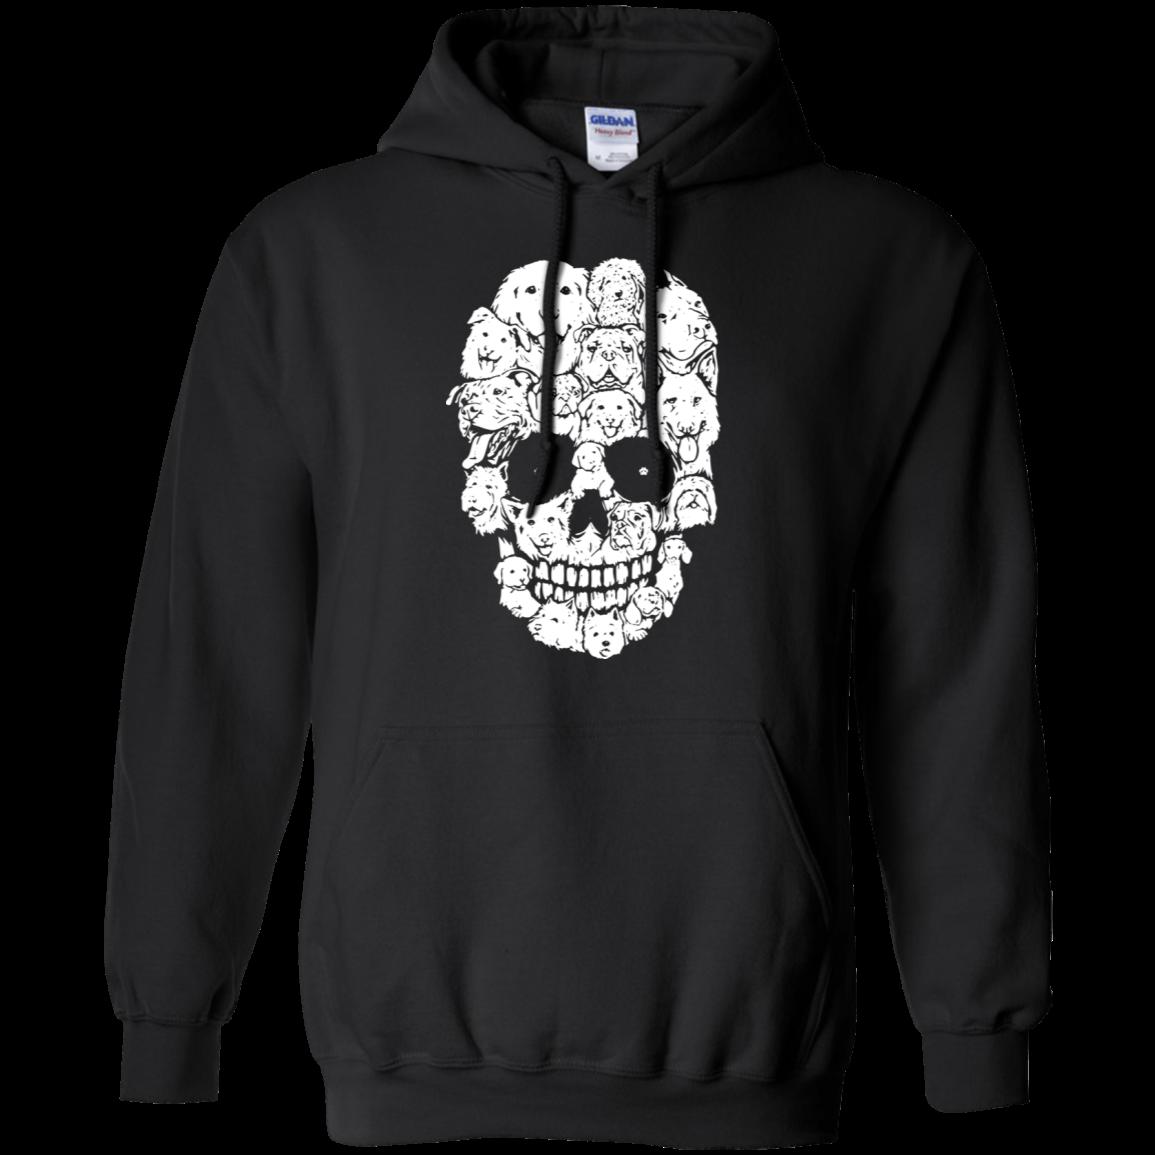 Skull Face Dogs Shirt